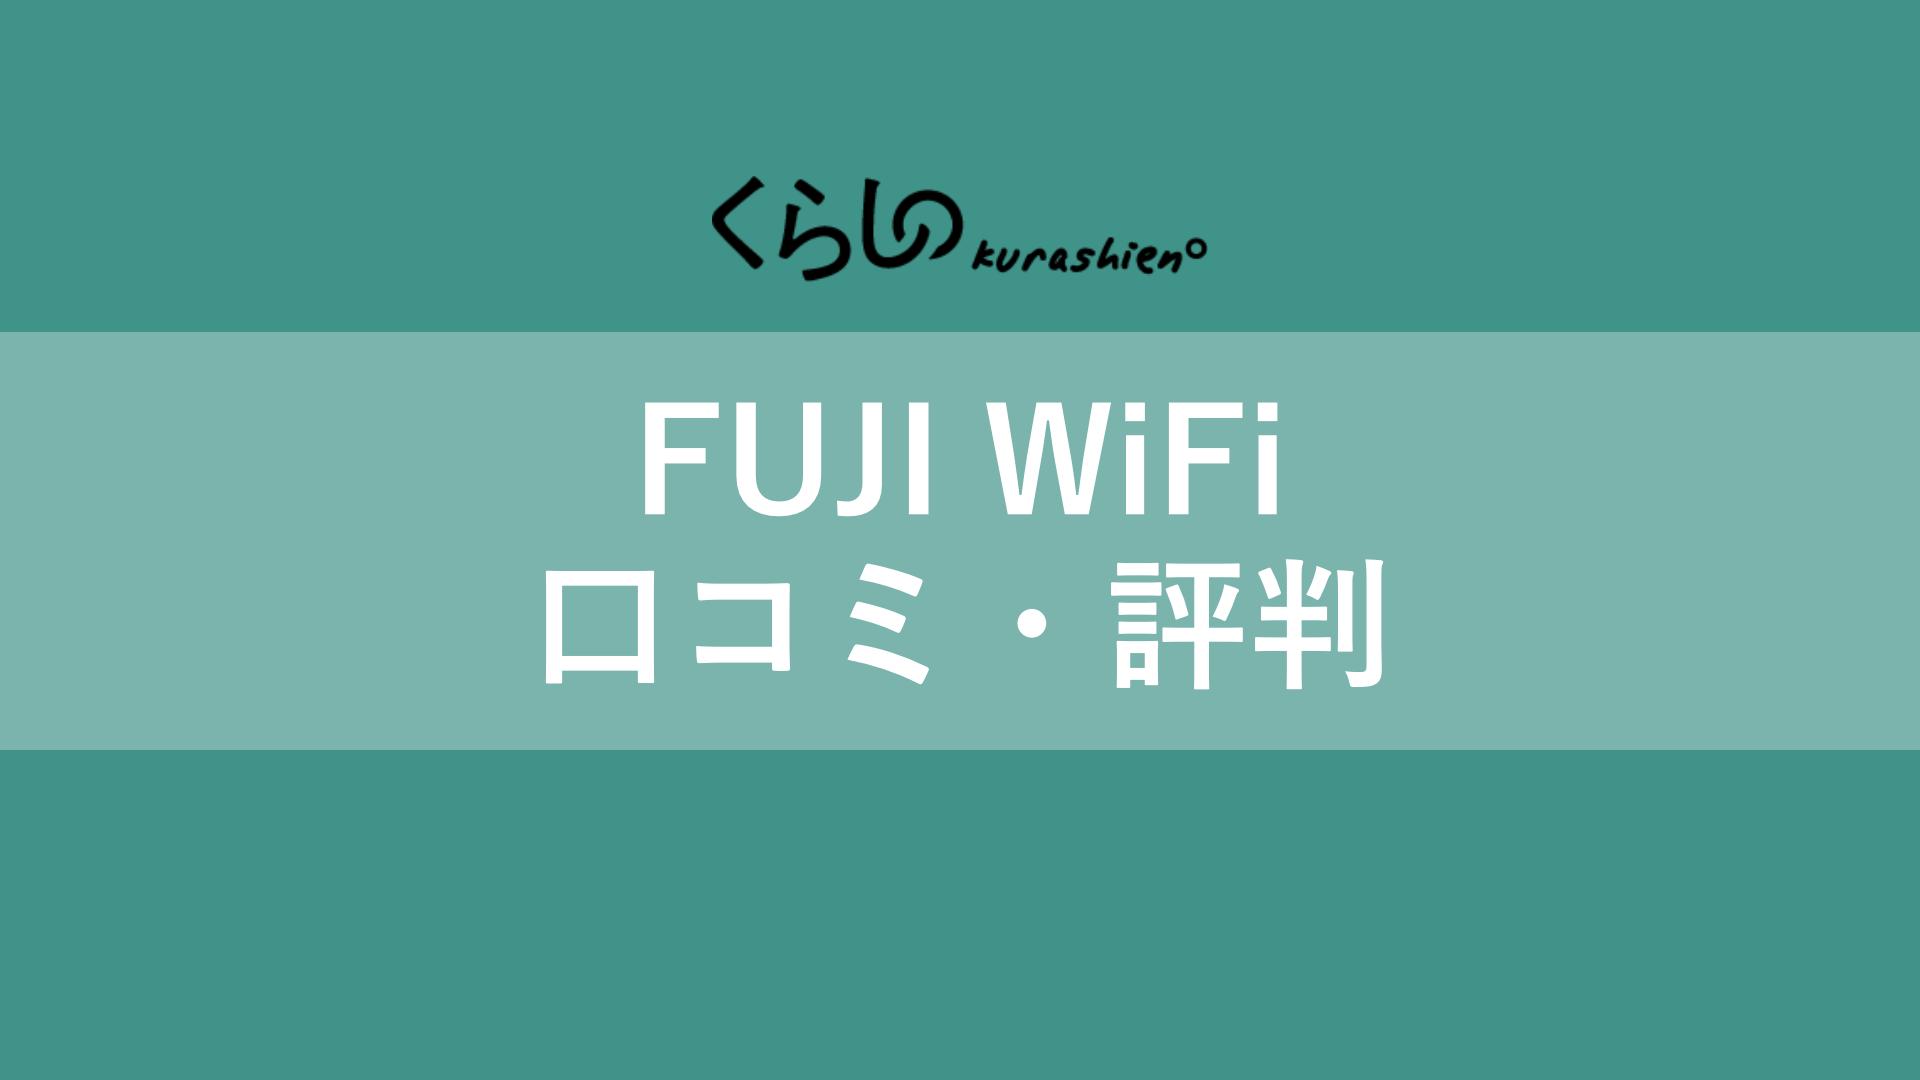 FUJI WiFi、口コミ・評判は?デメリットは?モバイルWiFiの選び方